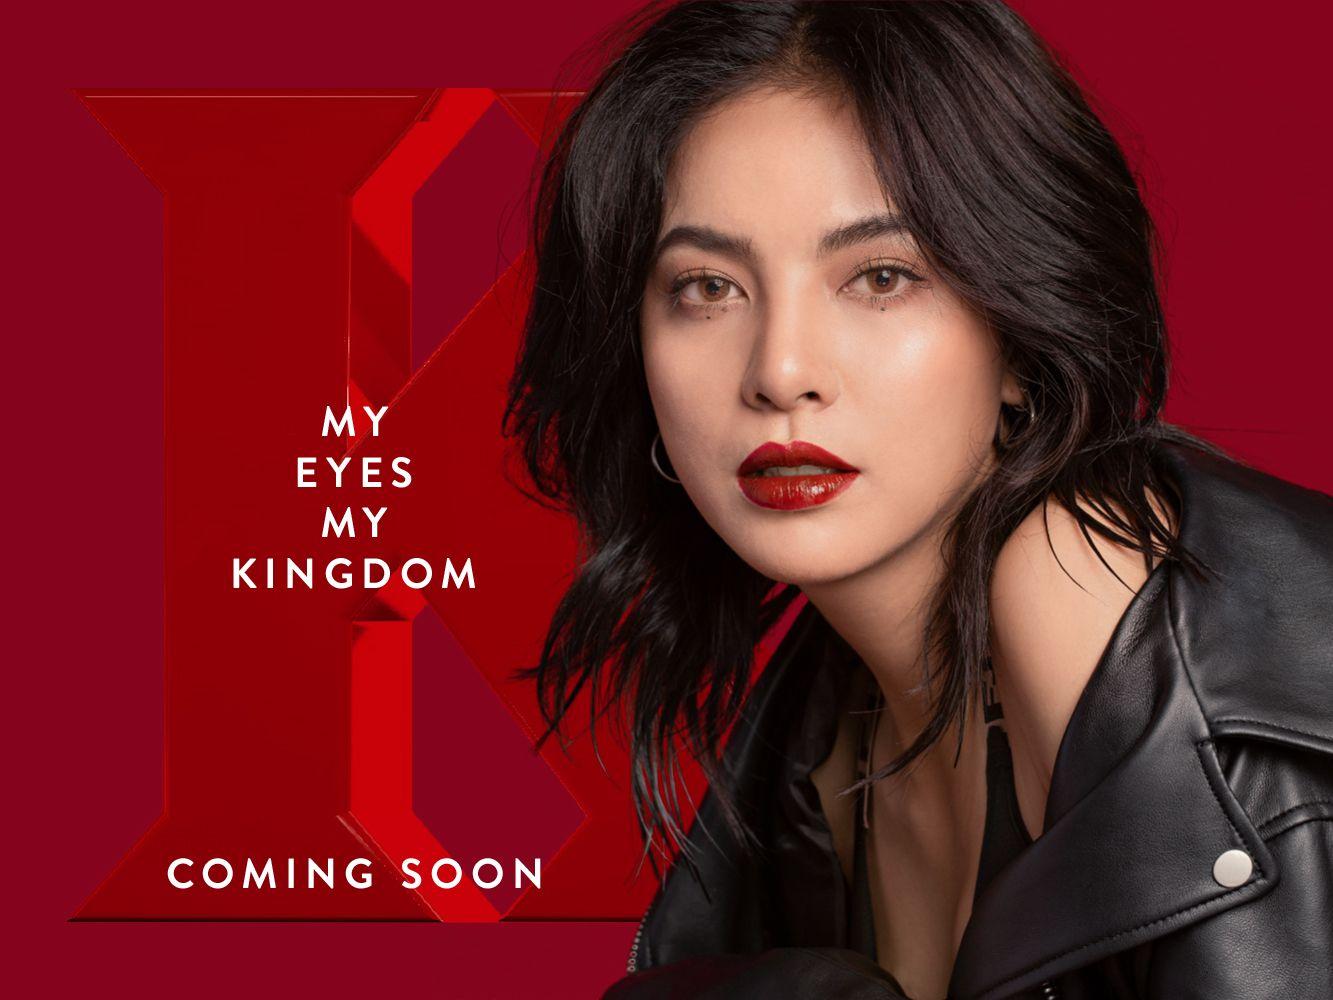 K Special Edition - Trở thành King trong chính vương quốc thời trang của bạn